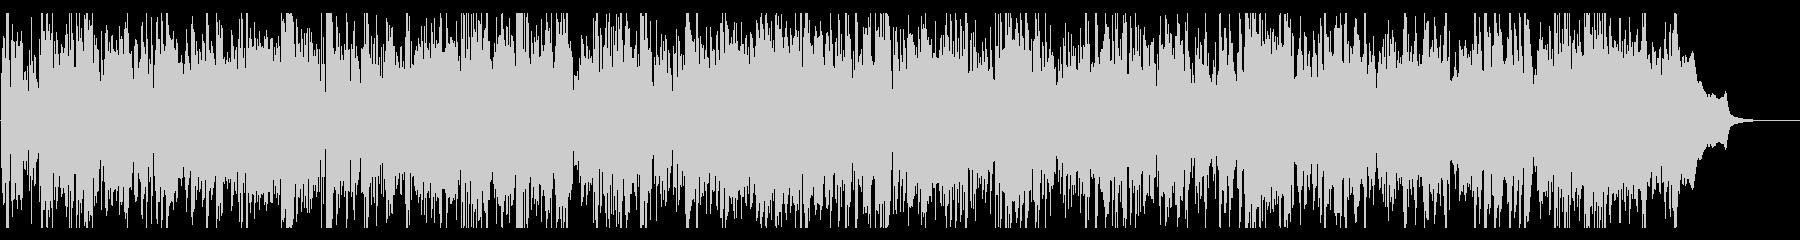 リズミカルなケルトバイオリンとアコギの未再生の波形